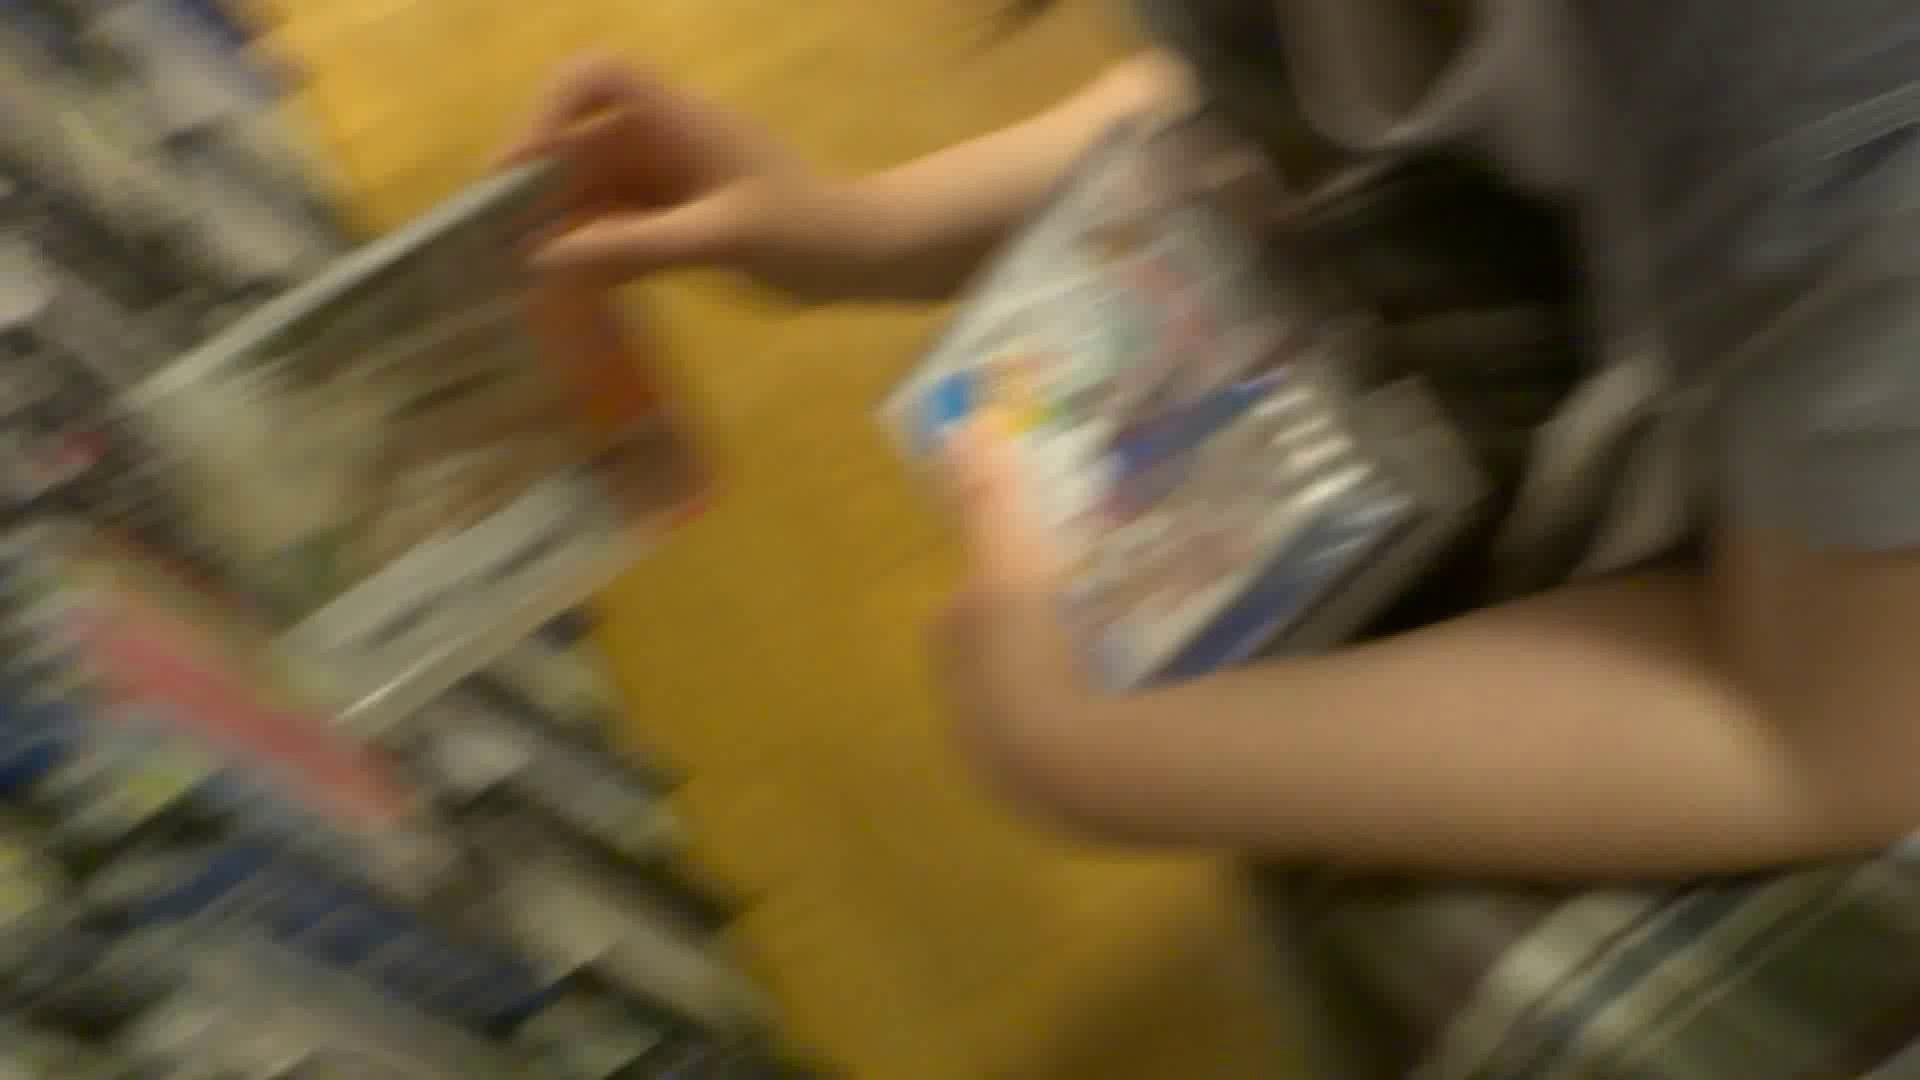 近所のお店は危険がイッパイ vol.9 美しいOLの裸体  104pic 12